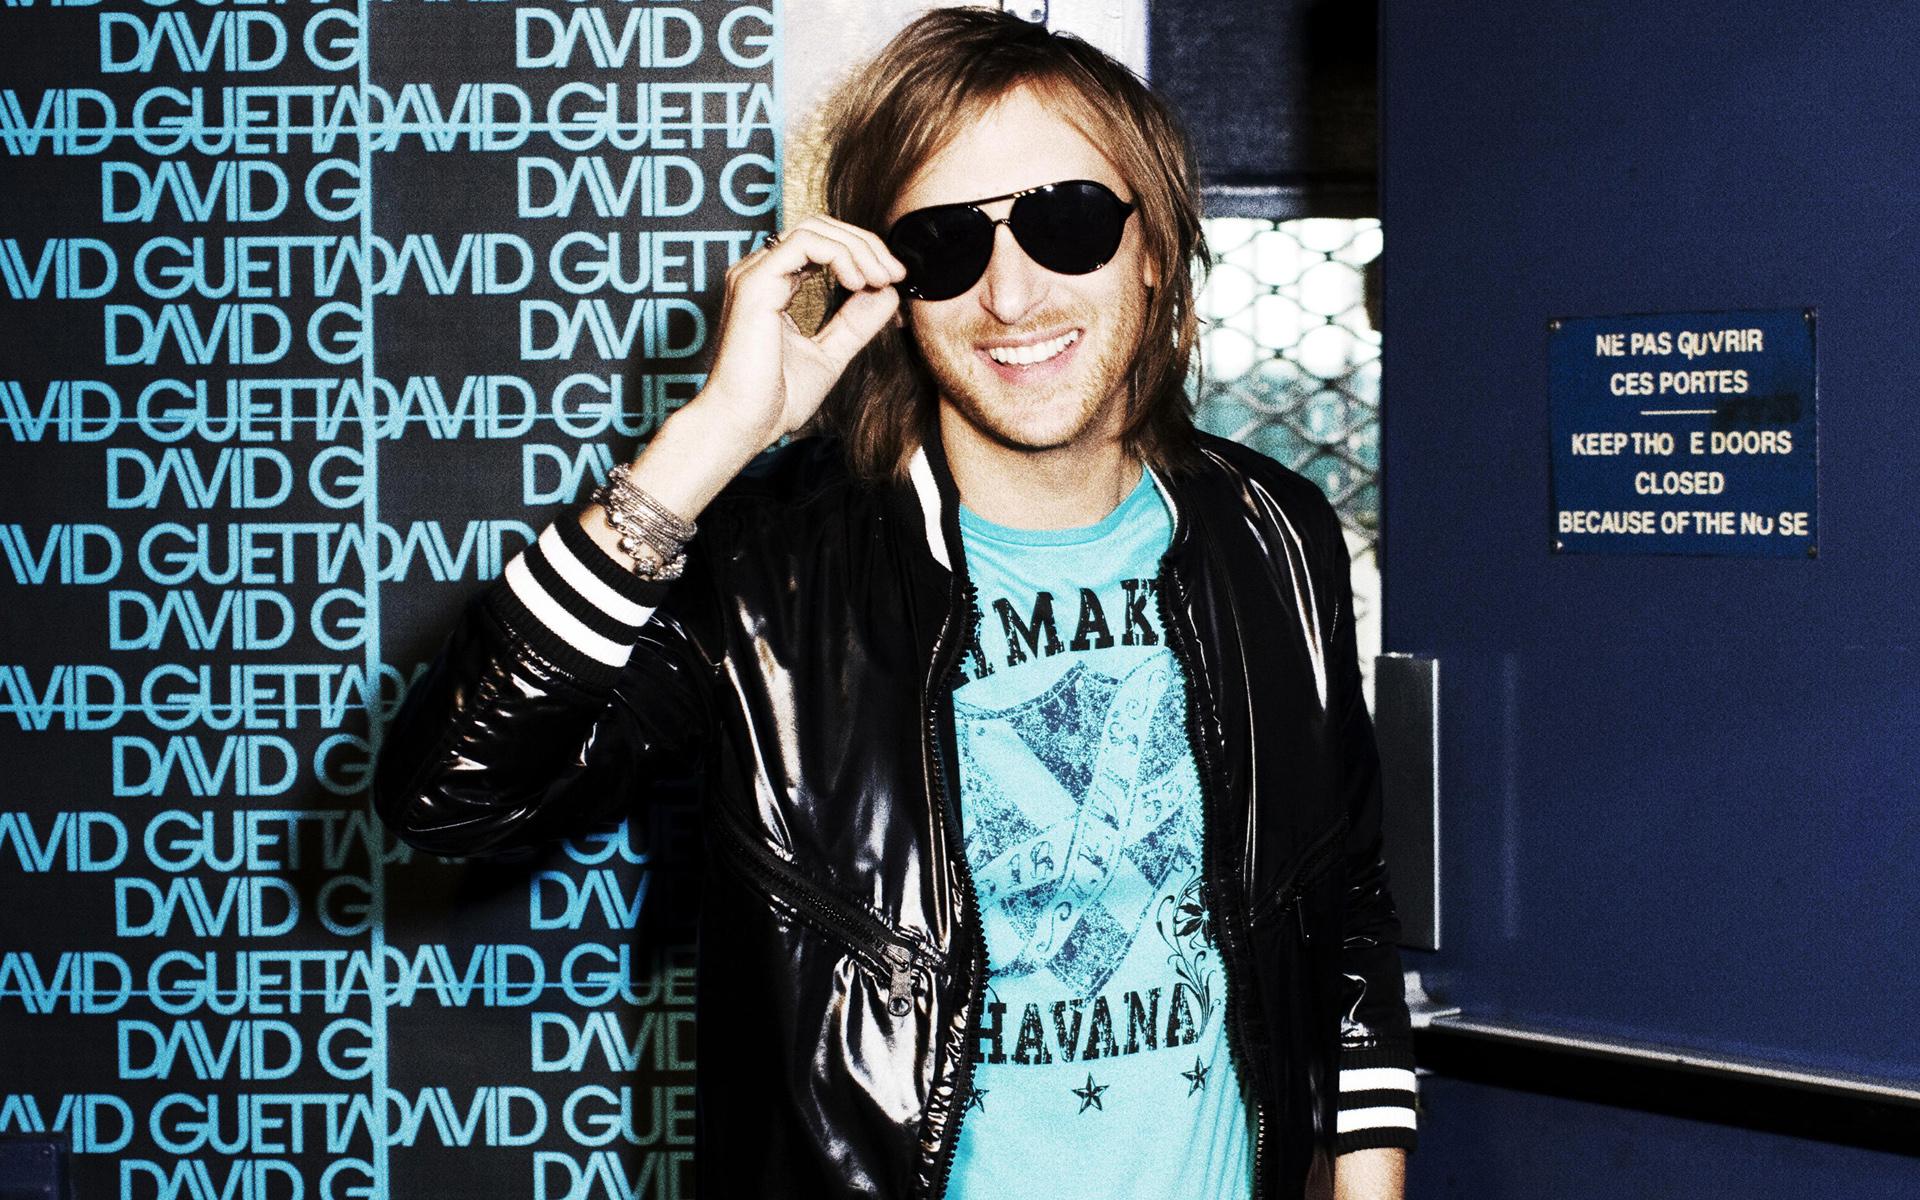 Dj Tiesto Free For David Guetta 1920x1200    1346068 HD Wallpaper